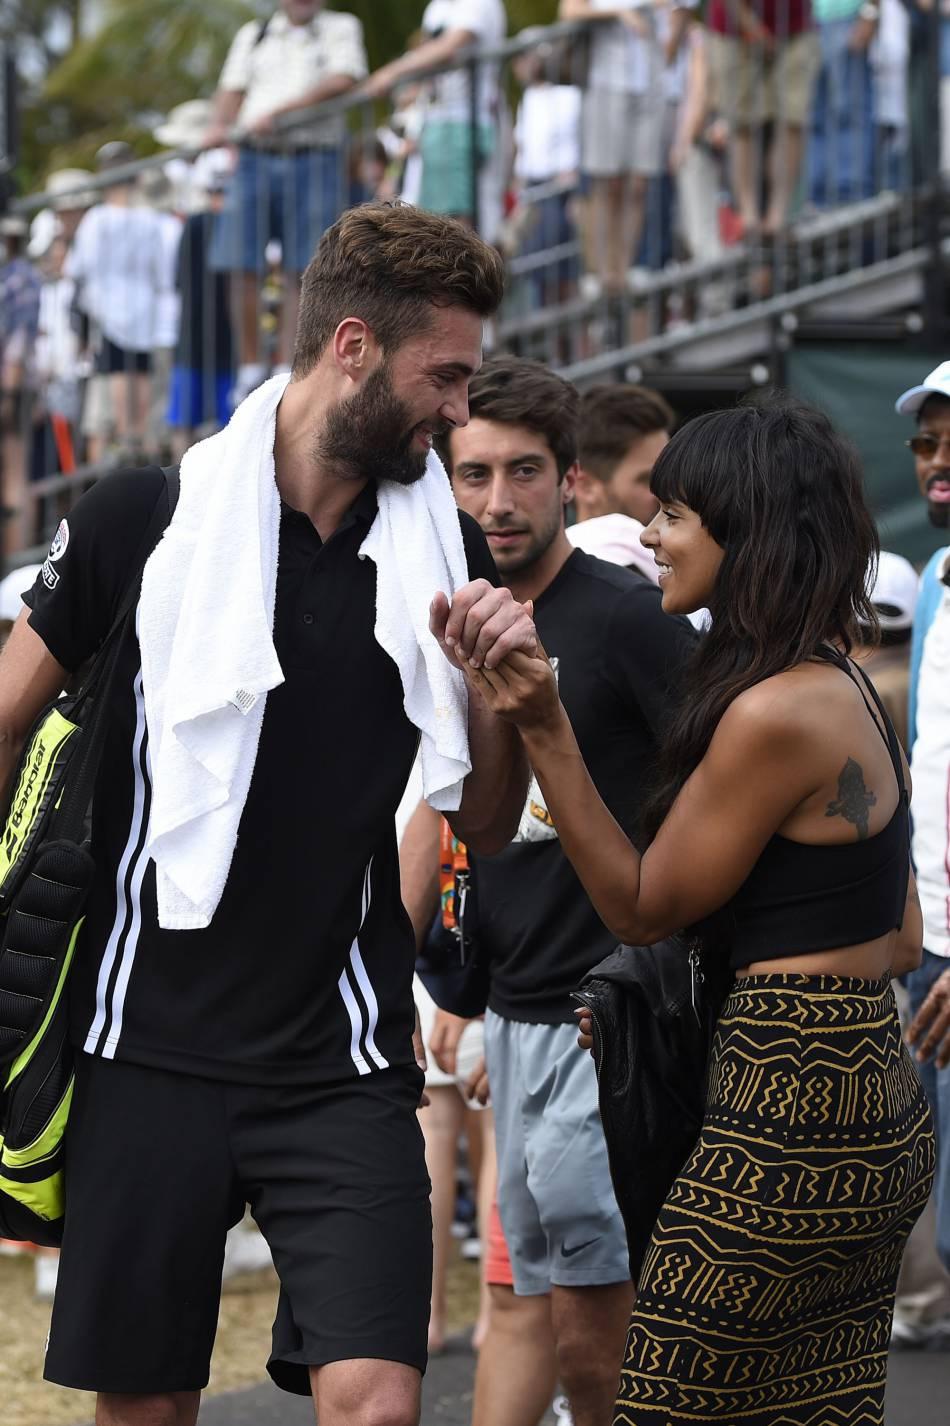 Le couple Shy'm et Benoît Paire s'est éloigné de la pression médiatique qui règne autour d'eux pour prendre des vacances à New York.